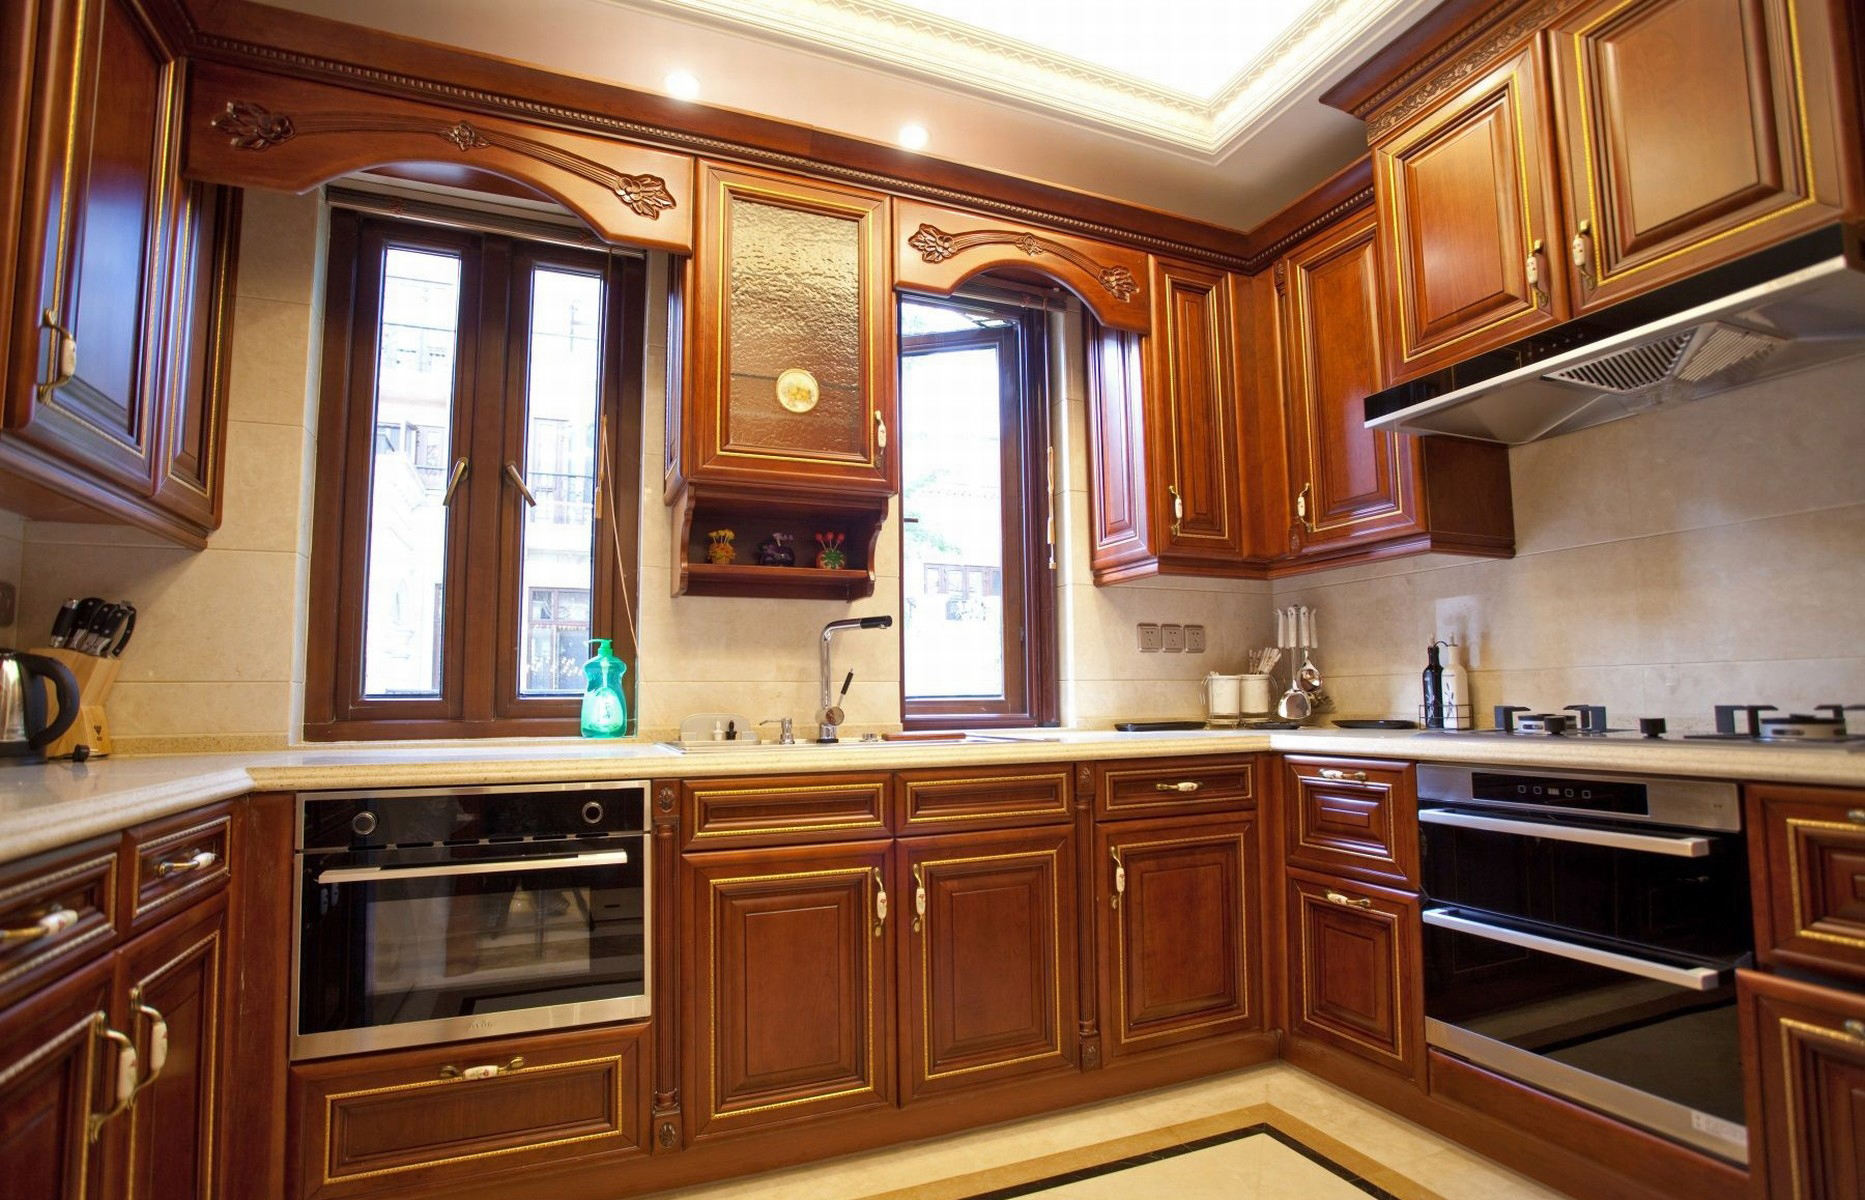 欧式古典风格厨房橱柜装饰效果图_装修百科